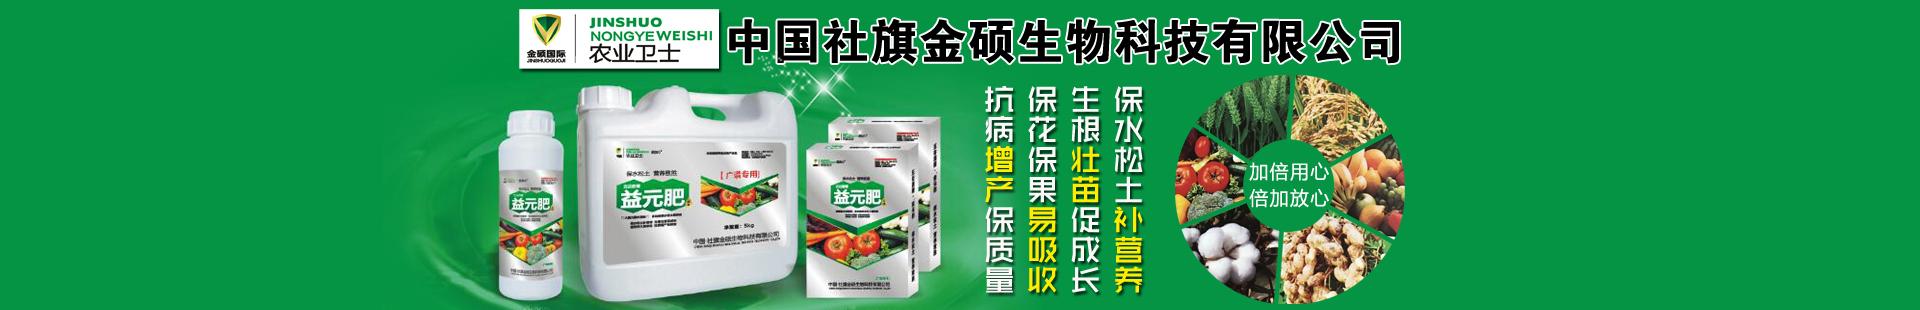 中国社旗金硕生物科技有限公司